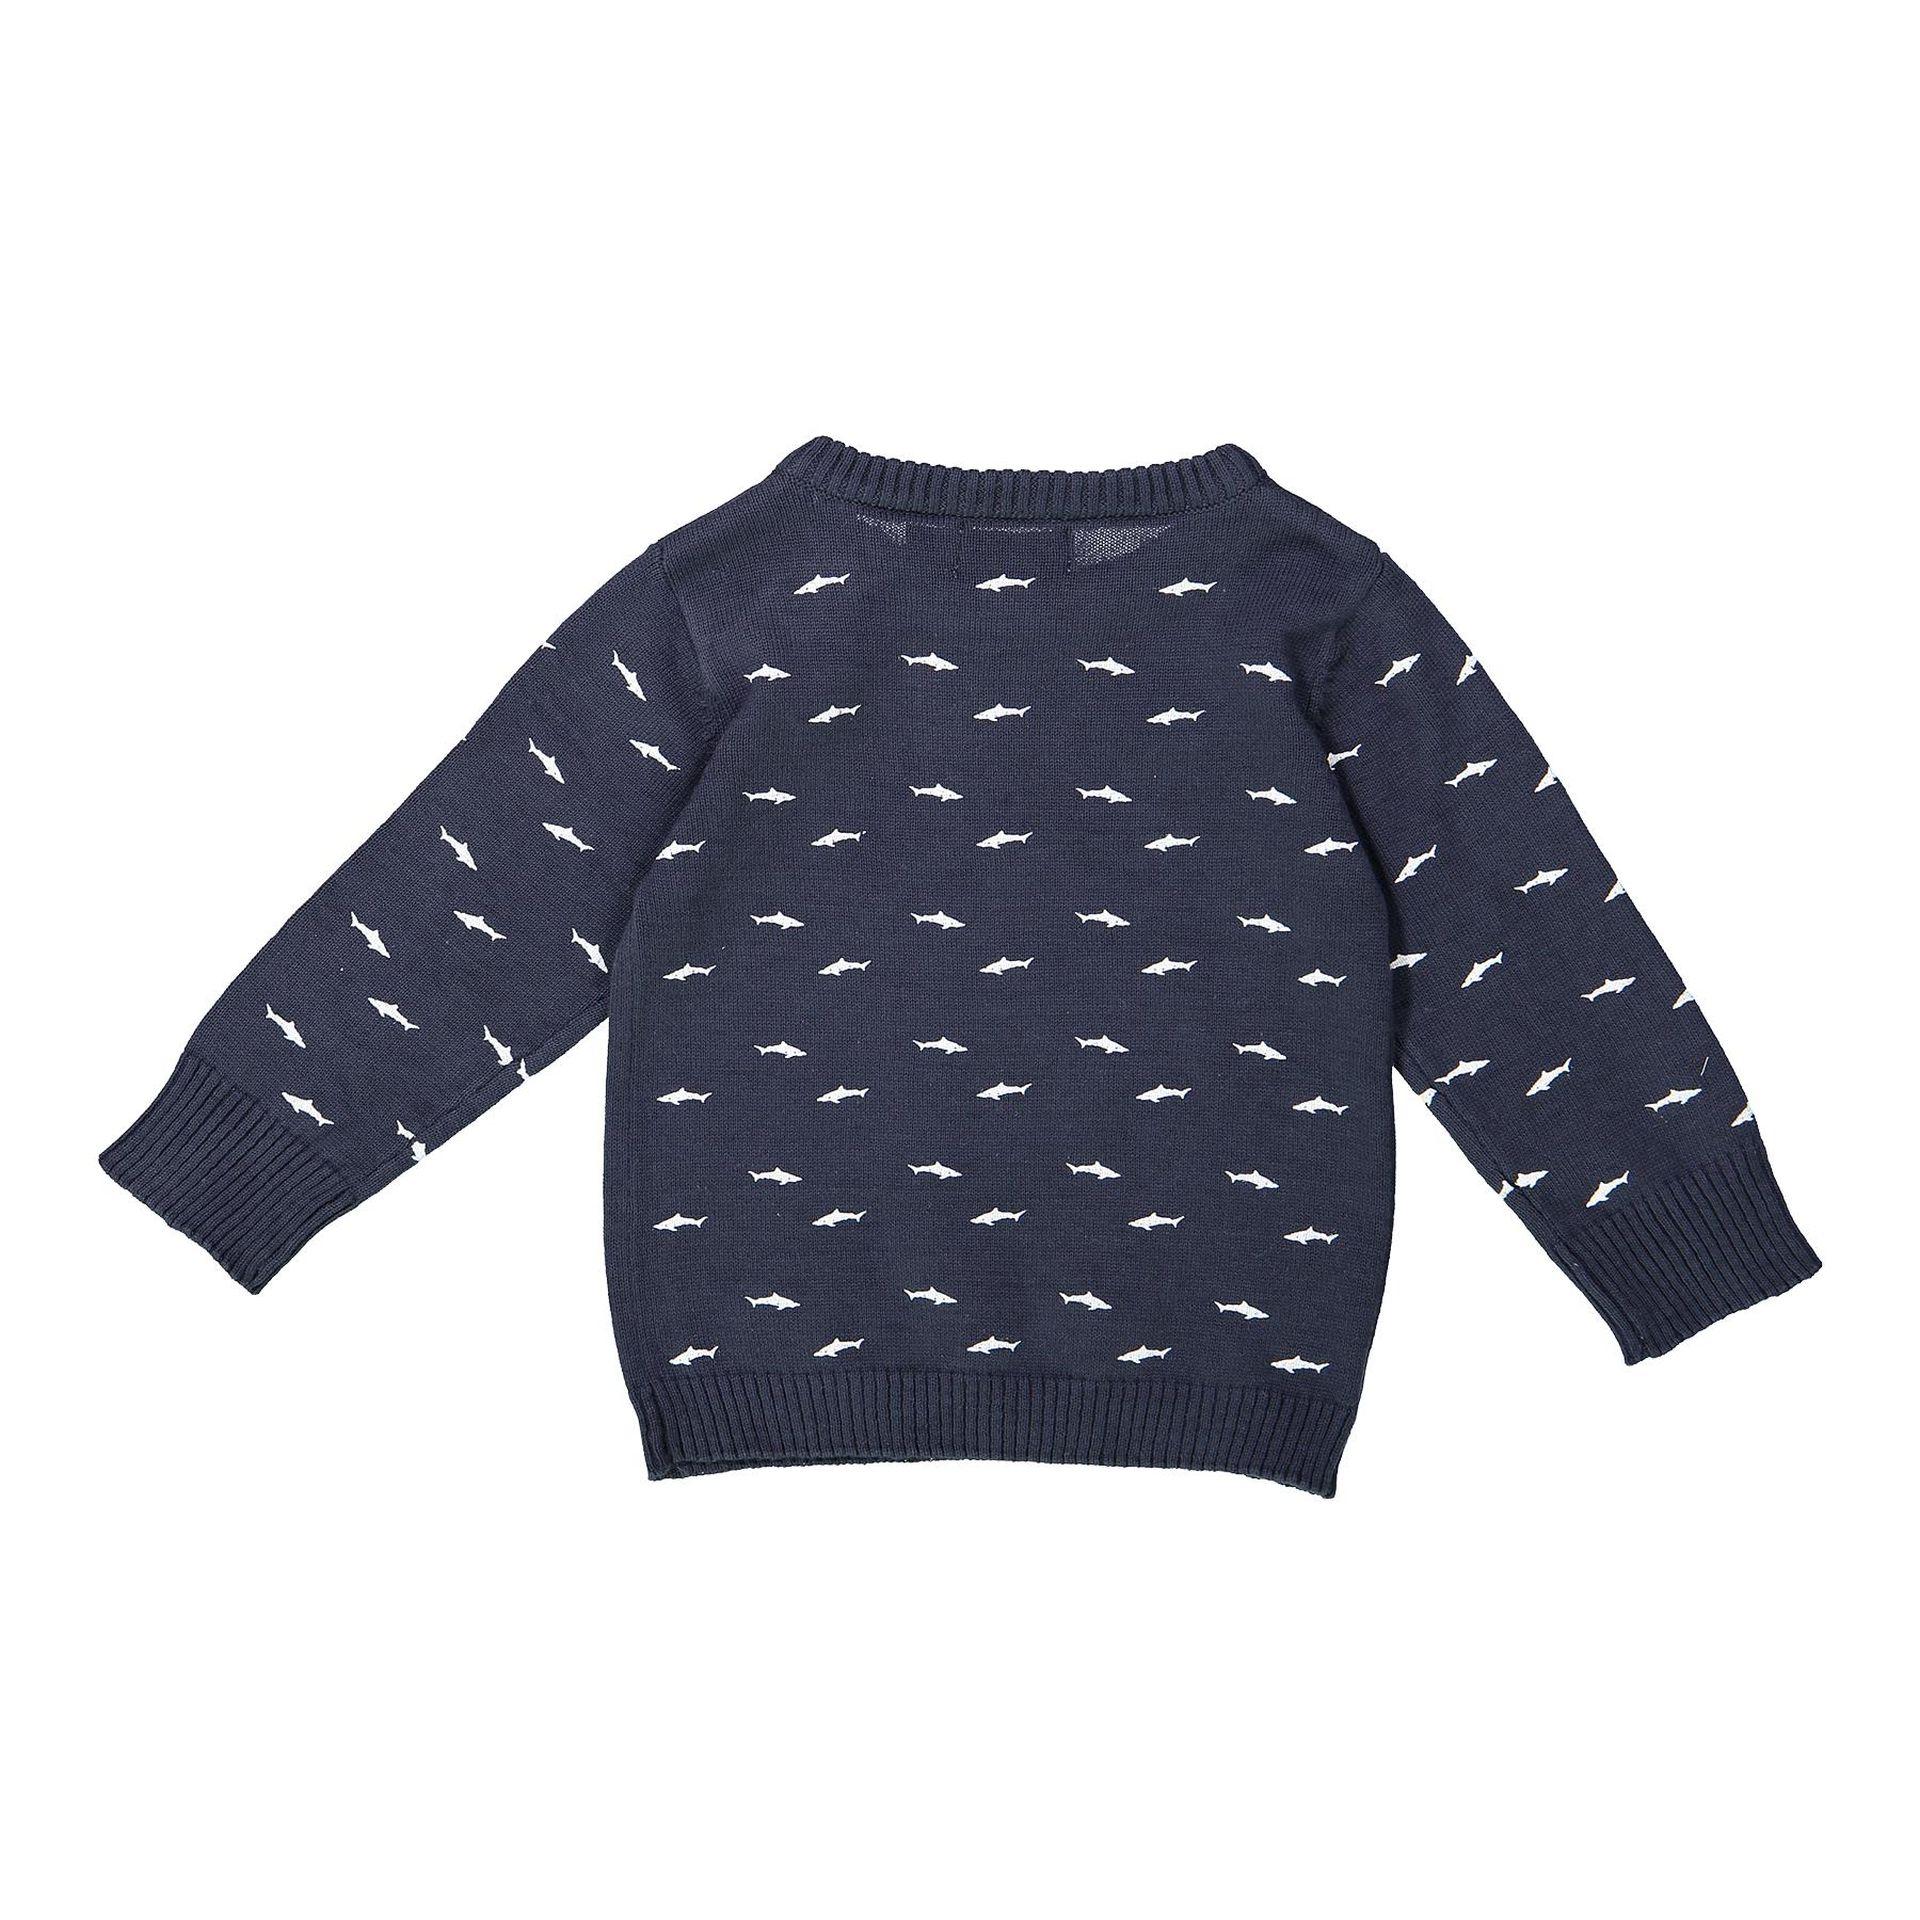 ee0e93f23884 ... Chlapecký svetr Dirkje tmavě modrý se žraloky